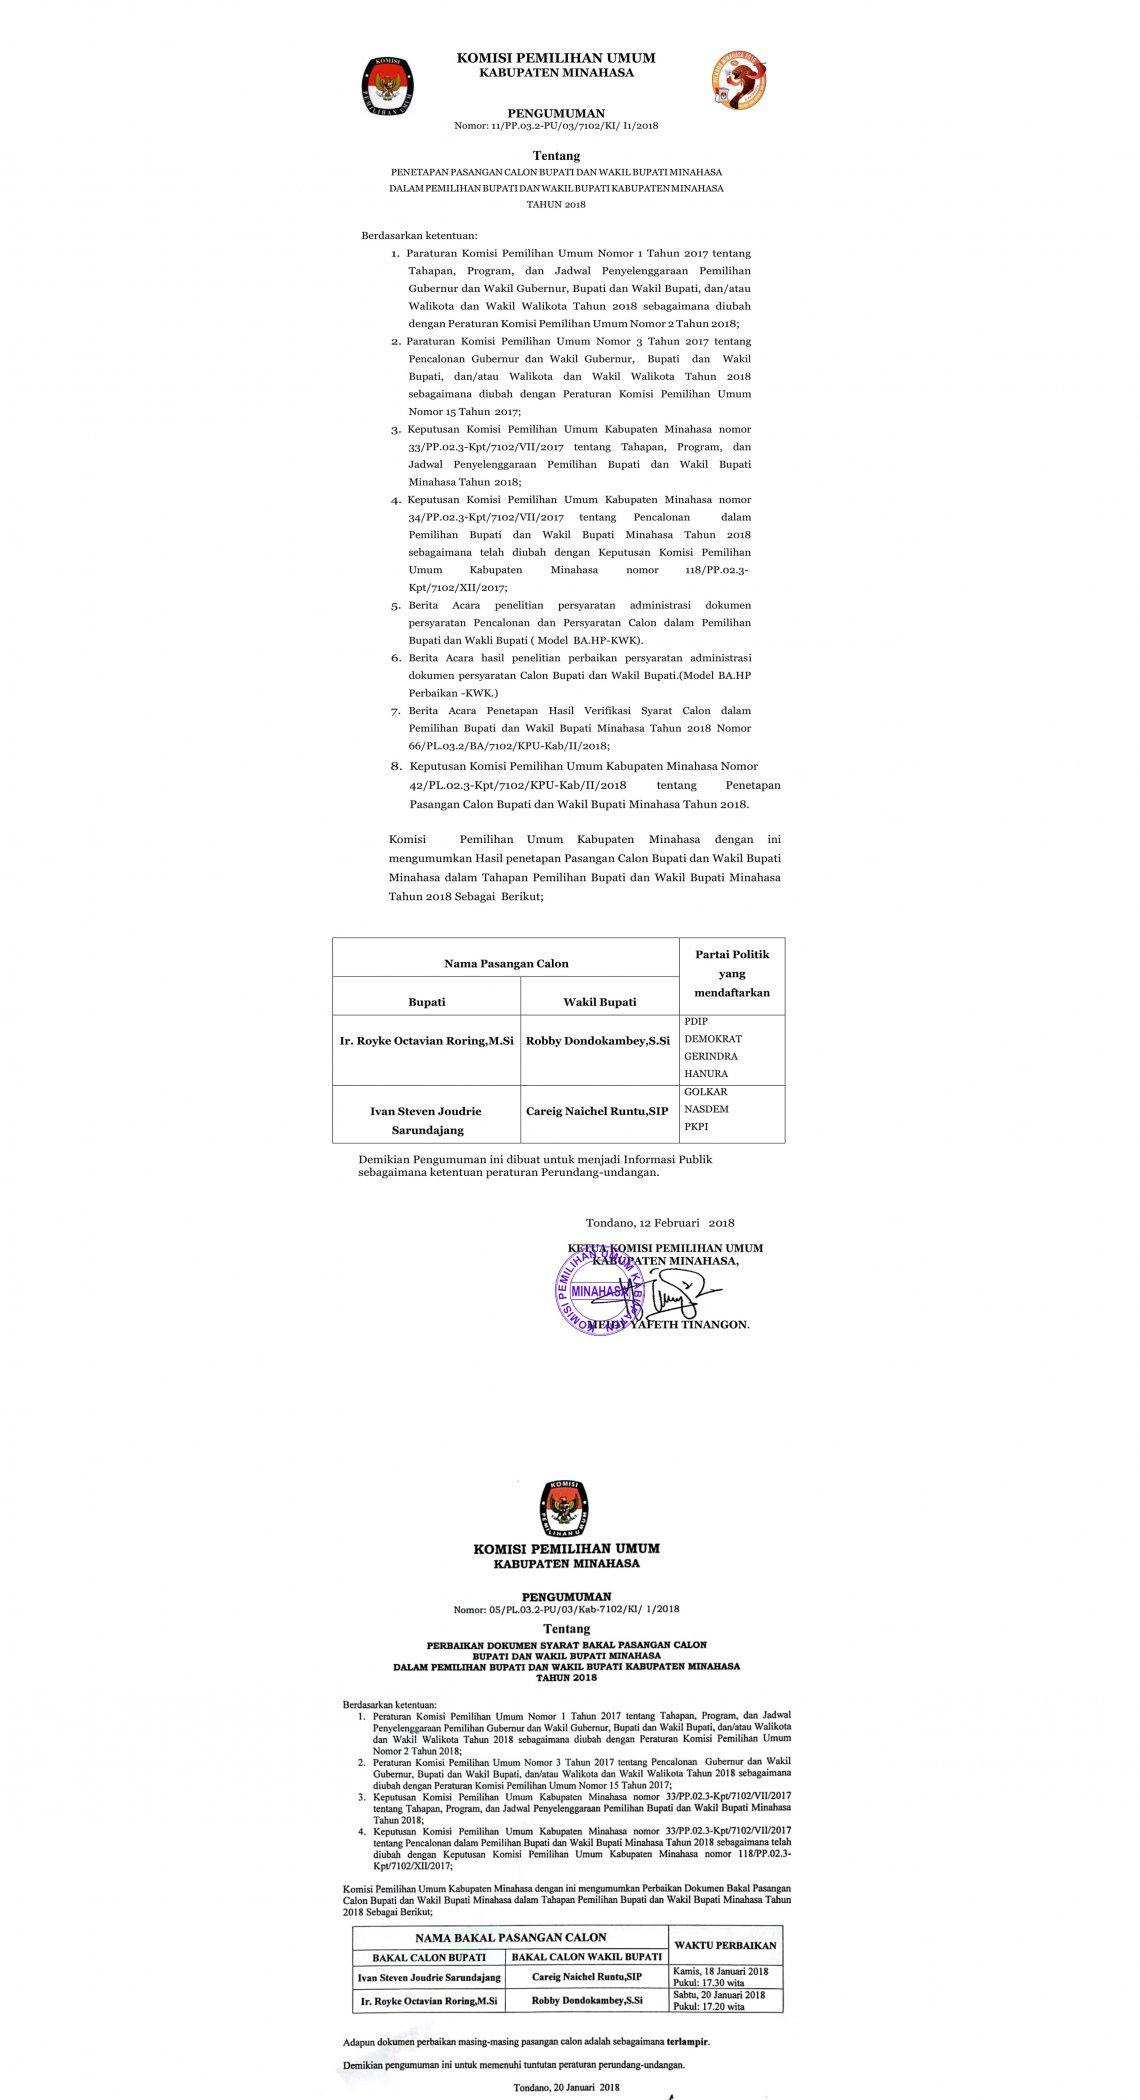 Pengumuman Penetapan dan Pengumuman Perbaikan Dokumen Syarat Bakal Calon Bupati dan Wakil Bupati Minahasa Tahun 2018